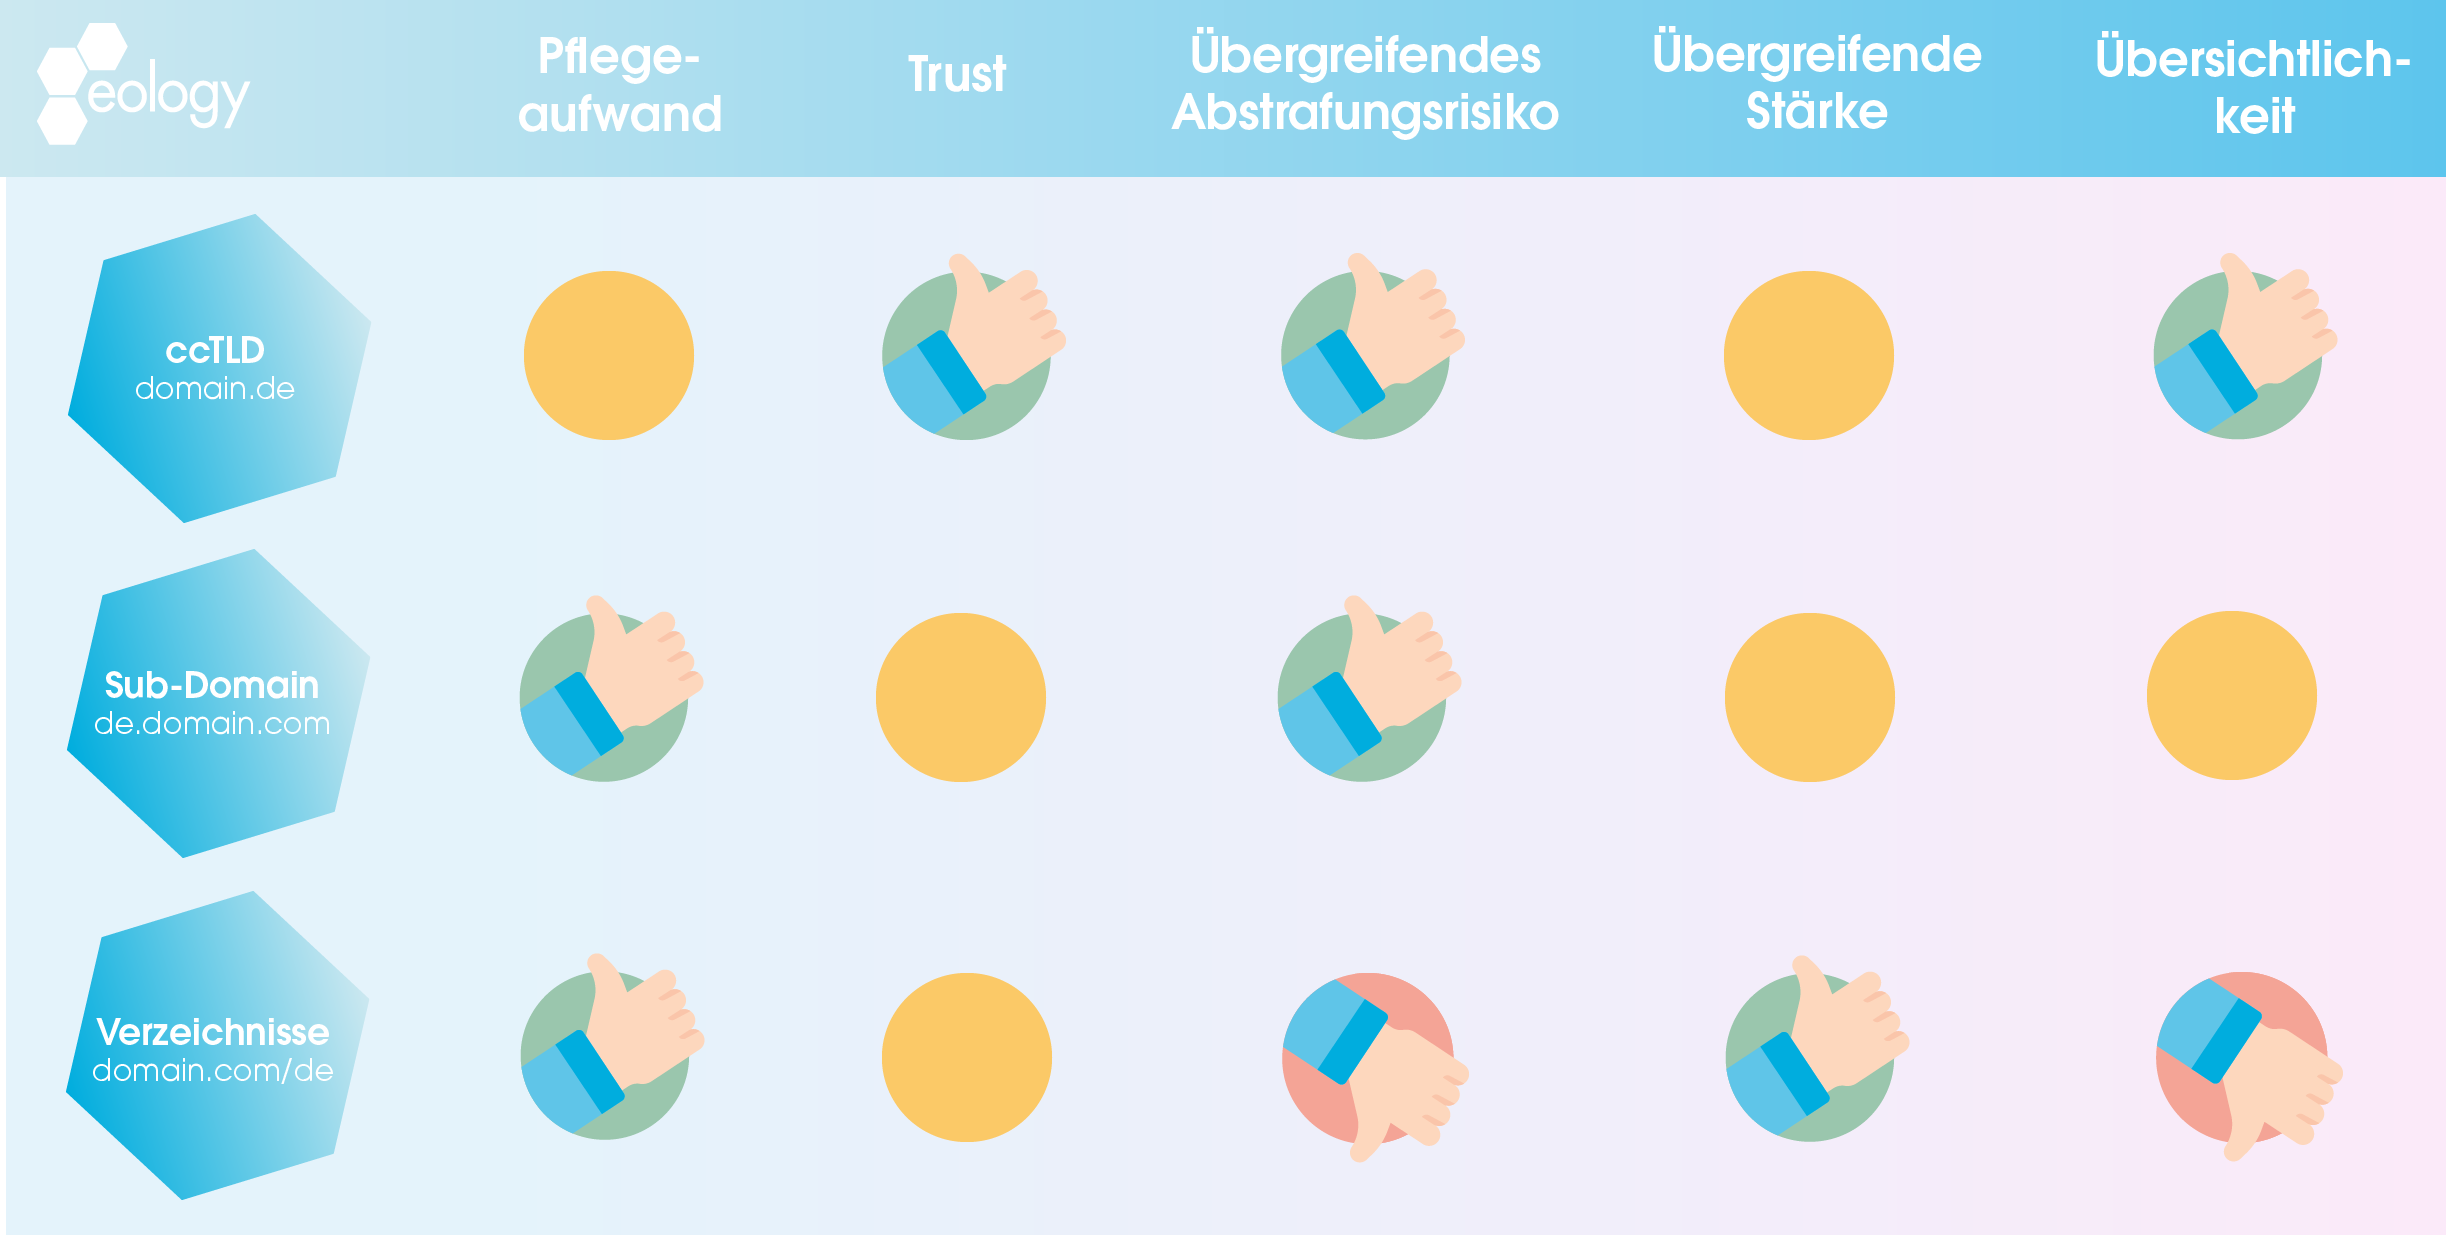 """Zu sehen sind Vor- und Nachteile unterschiedlicher Domainstrategien. Dabei werden drei Strategien betrachtet: - ccTLD - Sub-Domain - Verzeichnisse Alle drei Strategien werden nach den Kategorien """"Pflegeaufwand"""", """"Trust"""", """"Übergreifendes Abstrafungsrisiko"""", """"Übergreifende Stärke"""" und """"Übersichtlichkeit"""" bewertet. Die ccTLD-Strategie punktet bei Trust, übergreifendem Abstrafungsrisiko und Übersichtlichkeit. Sub-Domains wiederum bei Pflegeaufwand und übergreifendem Abstrafungsrisiko. Die einzige Strategie mit Nachteilen ist dabei die mit Verzeichnissen. Diese punktet zwar im Pfegeaufwand und in der übergreifenden Stärke, verliert dafür aber im direkten Vergleich in den Punkten """"Übergreifendes Abstrafungsrisiko"""" und """"Übersichtlichkeit""""."""